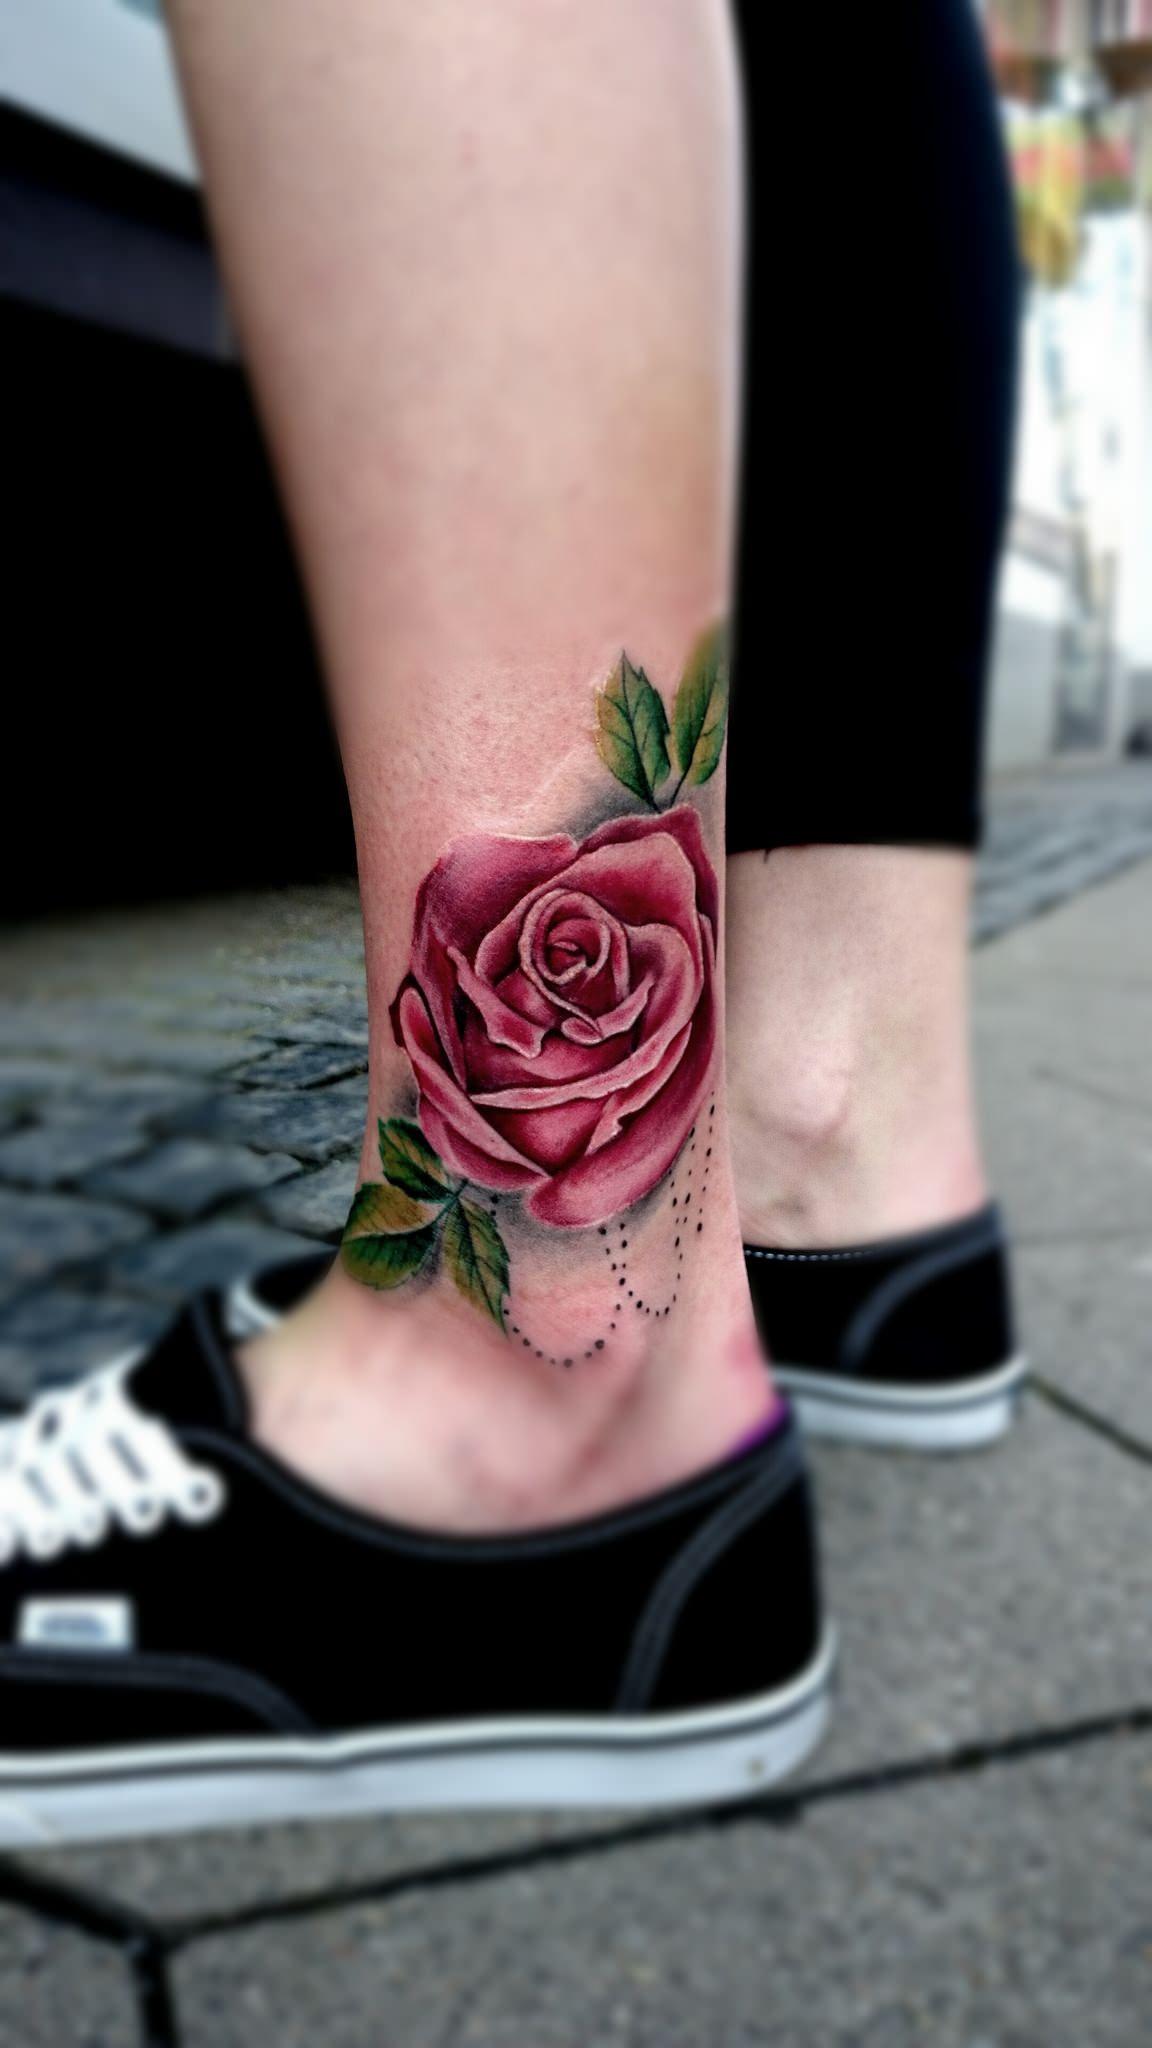 Rose Nice Tatuagens De Rosas Negras Tatuagens De Videira Tatuagem Coberta